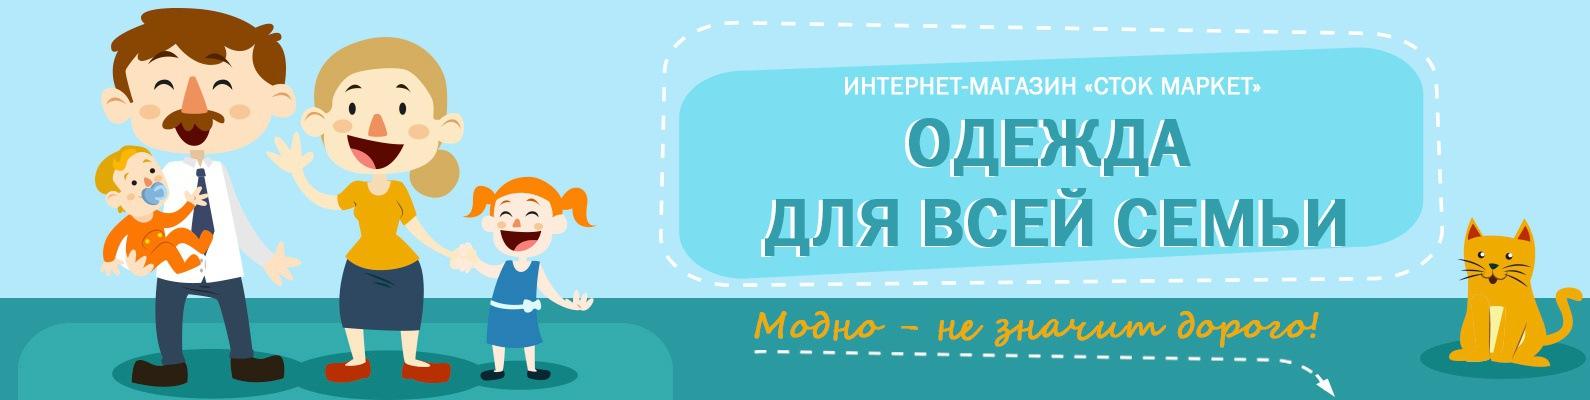 bbb9a21e5 СтокМаркет – одежда по честным ценам | ВКонтакте